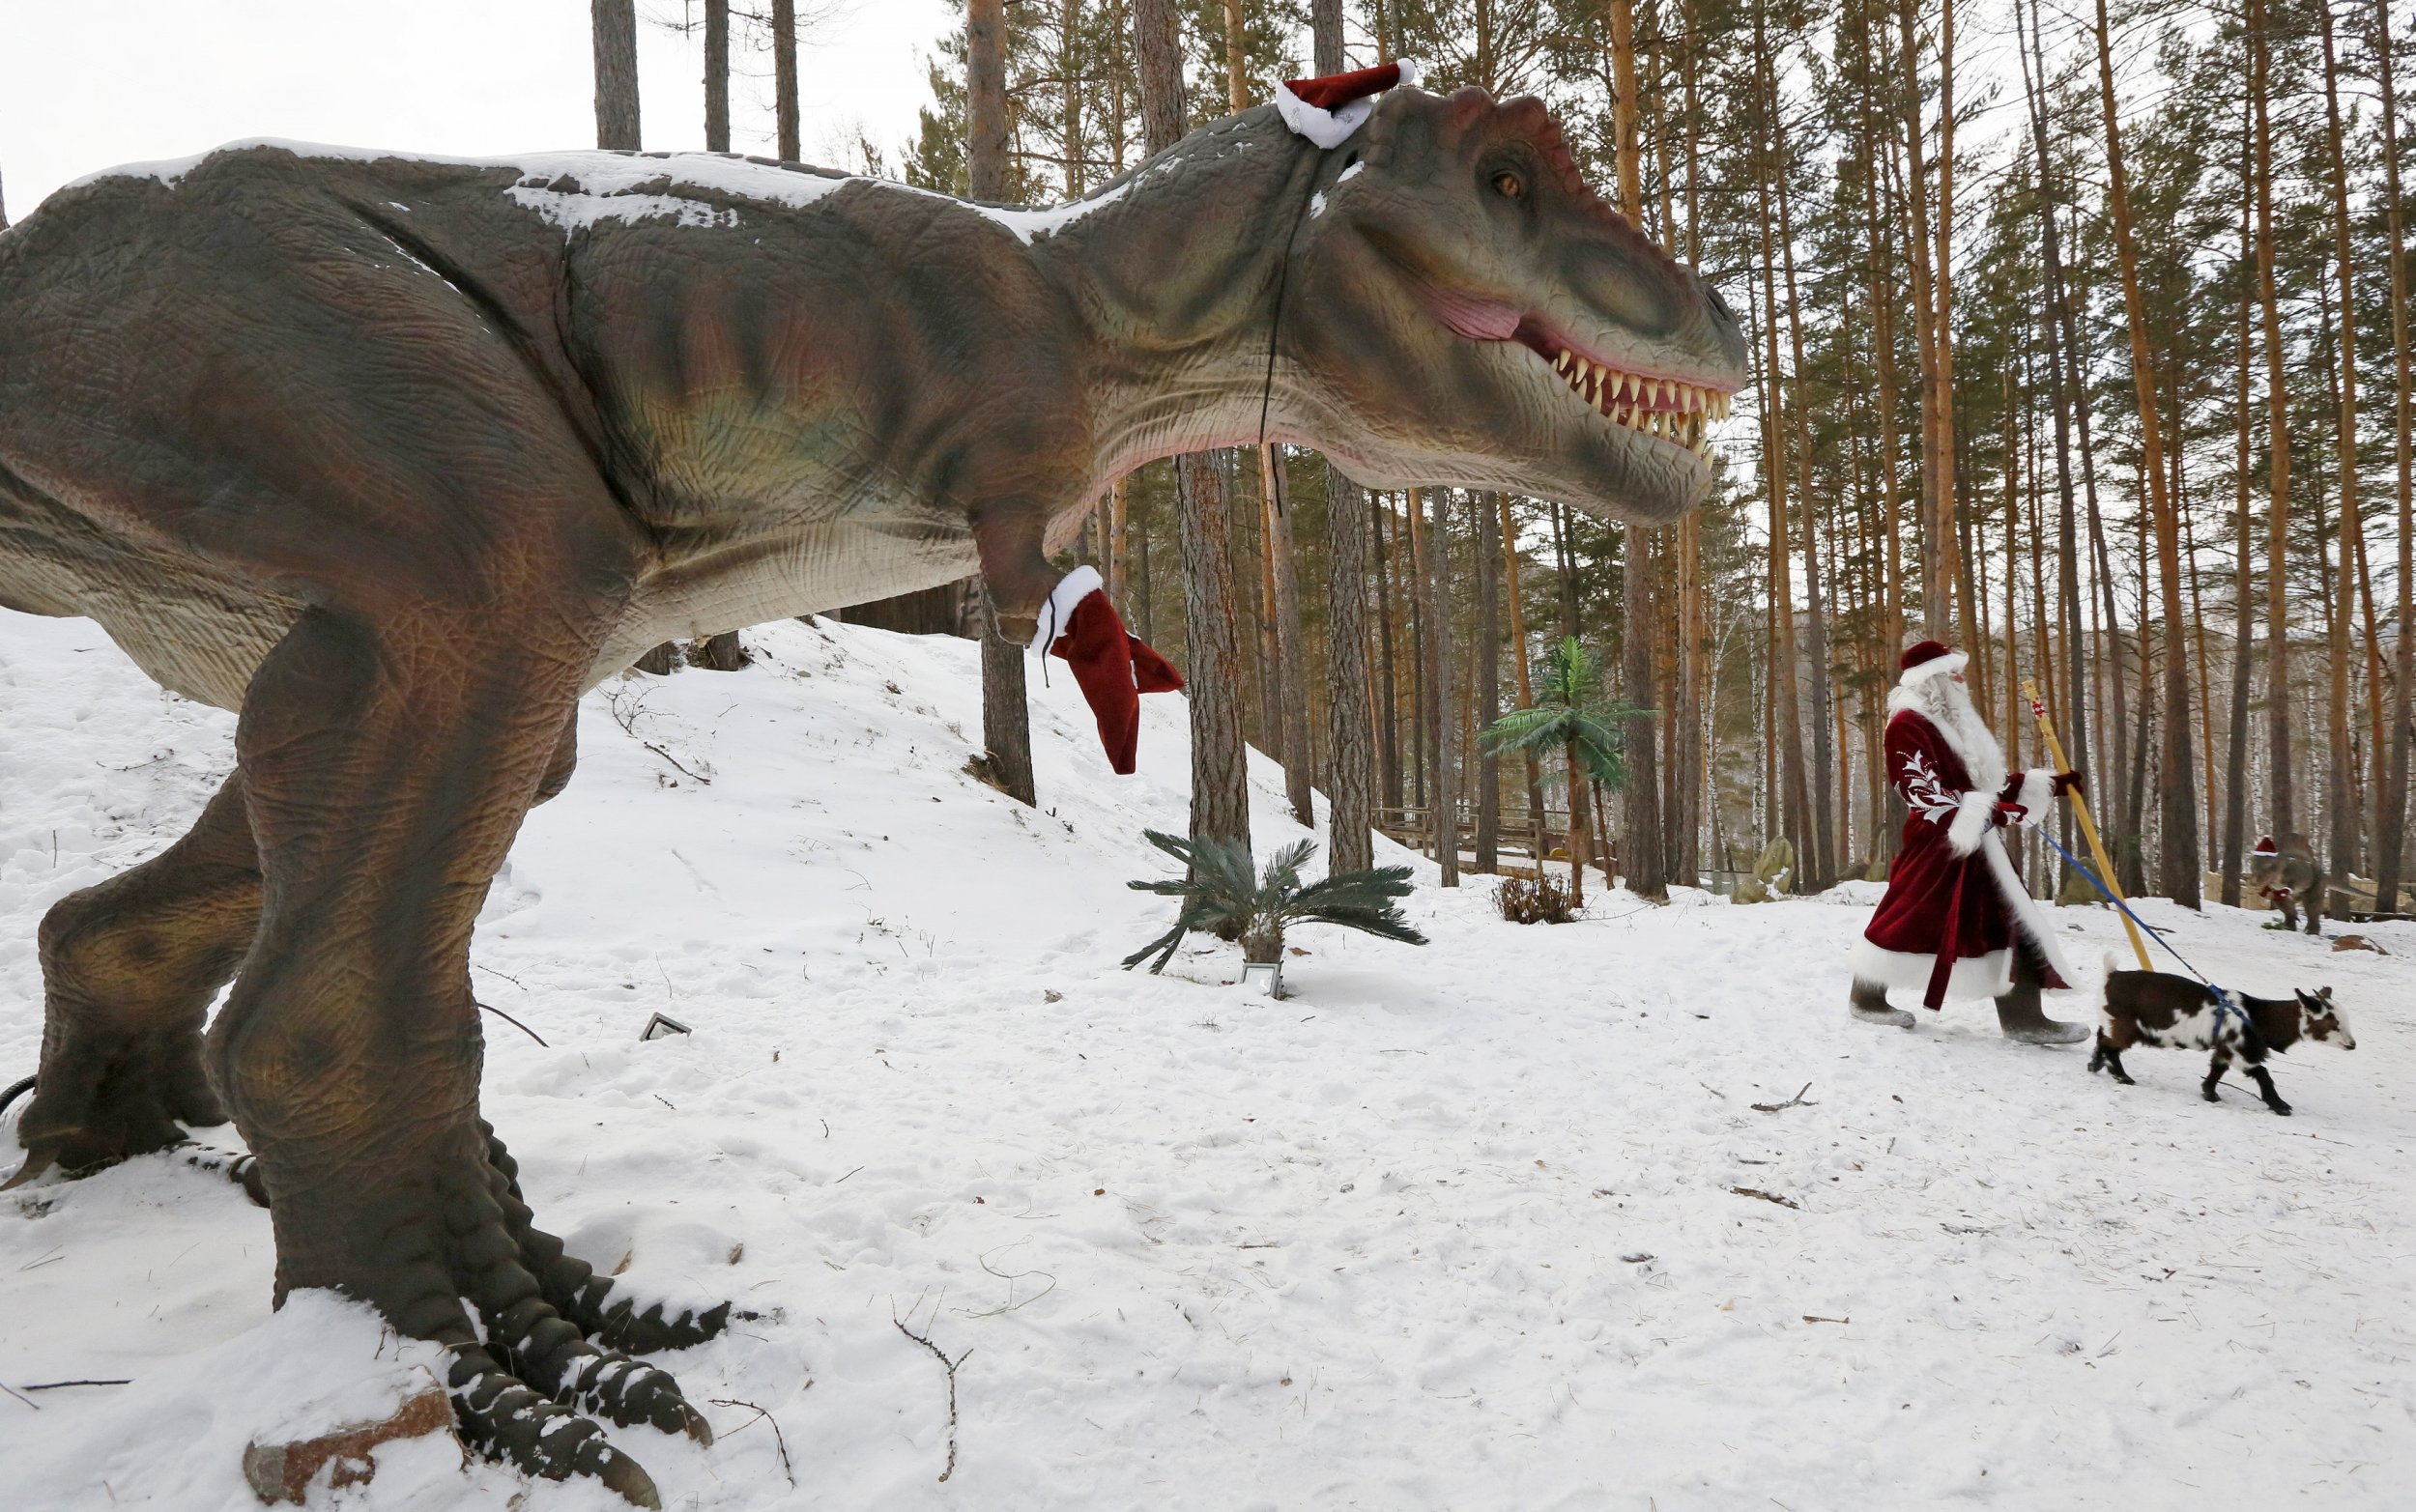 Russian Dinosaur